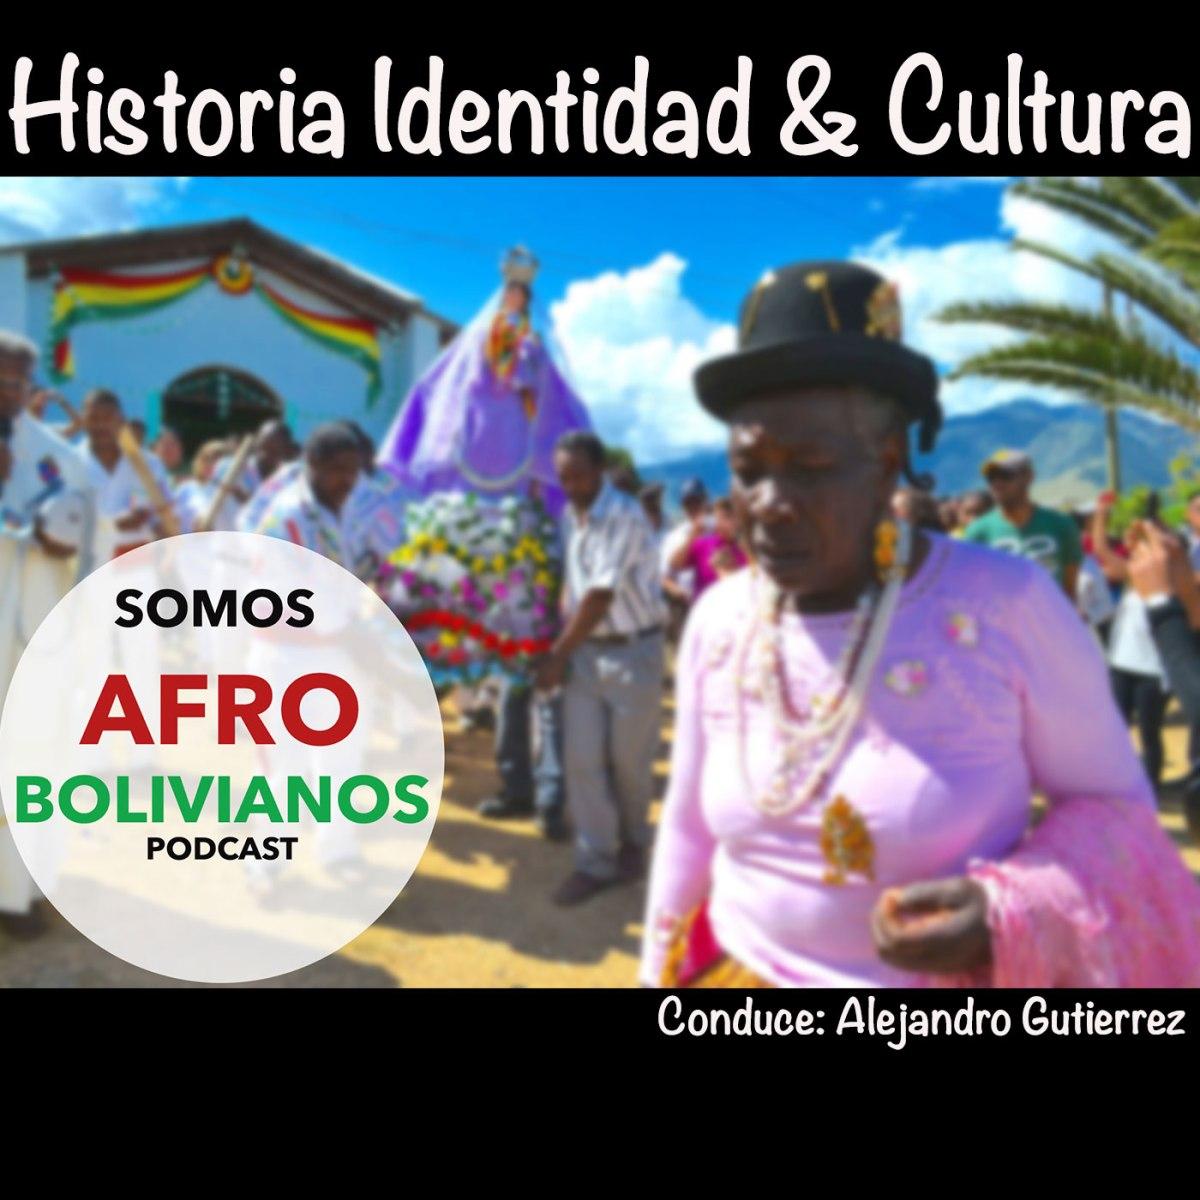 Episodio 4 #VideoEntrevista: Hablamos de  Discriminación y Resolución de Conflictos en el Programa de TV Miradas